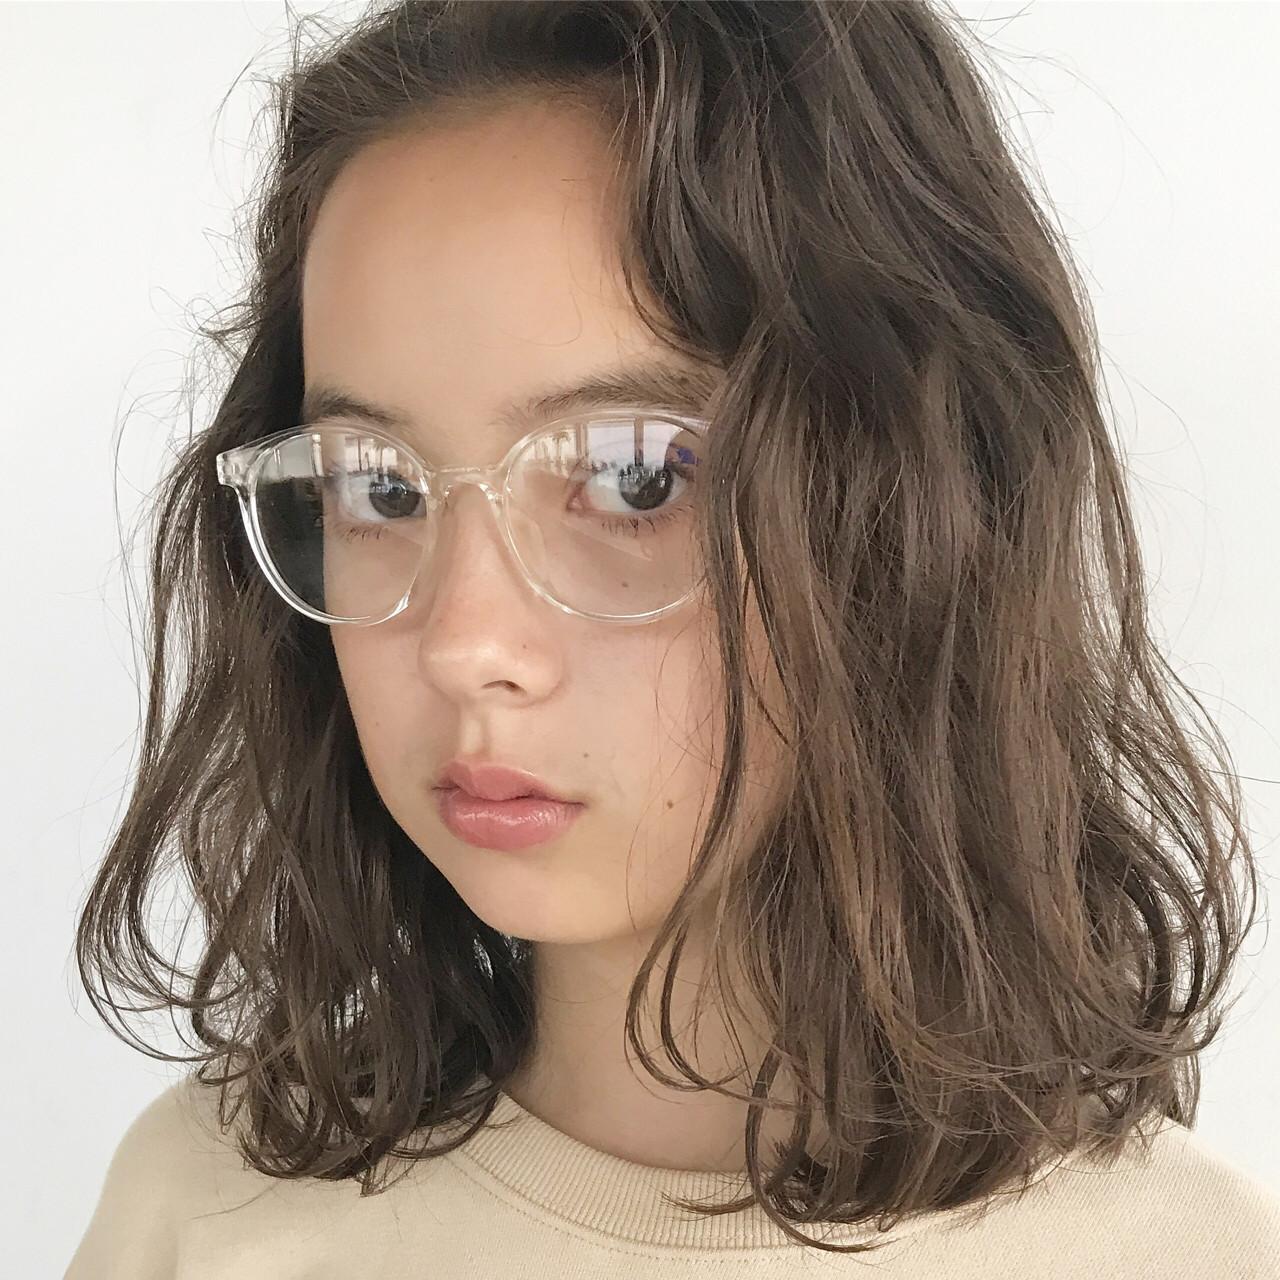 ミディアム ベージュ ナチュラル パーマ ヘアスタイルや髪型の写真・画像